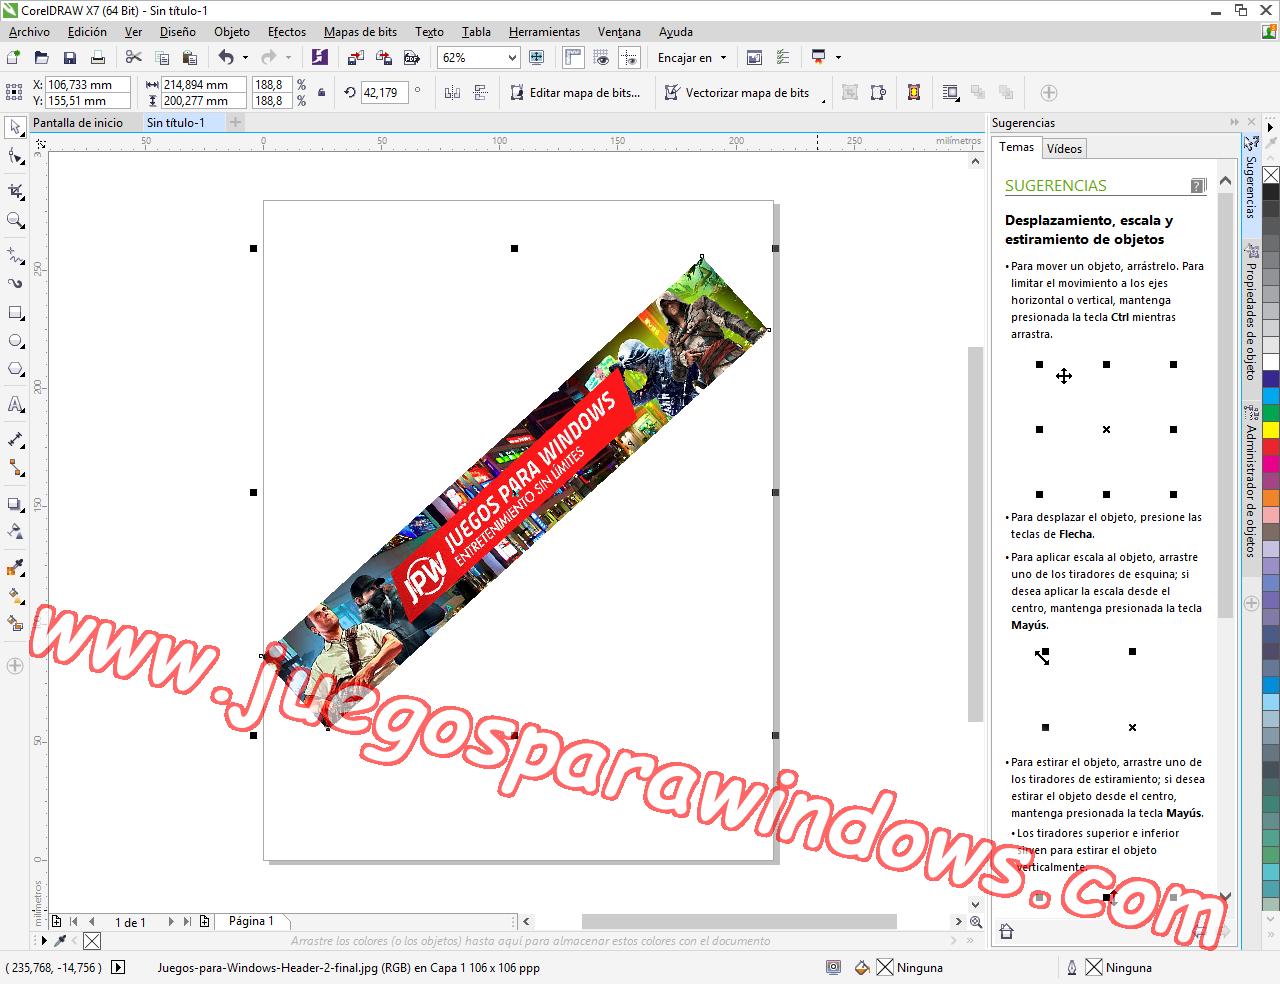 CorelDRAW Graphics Suite X7.3 ESPAÑOL Software De Diseño Gráfico Completo (XFORCE) 11